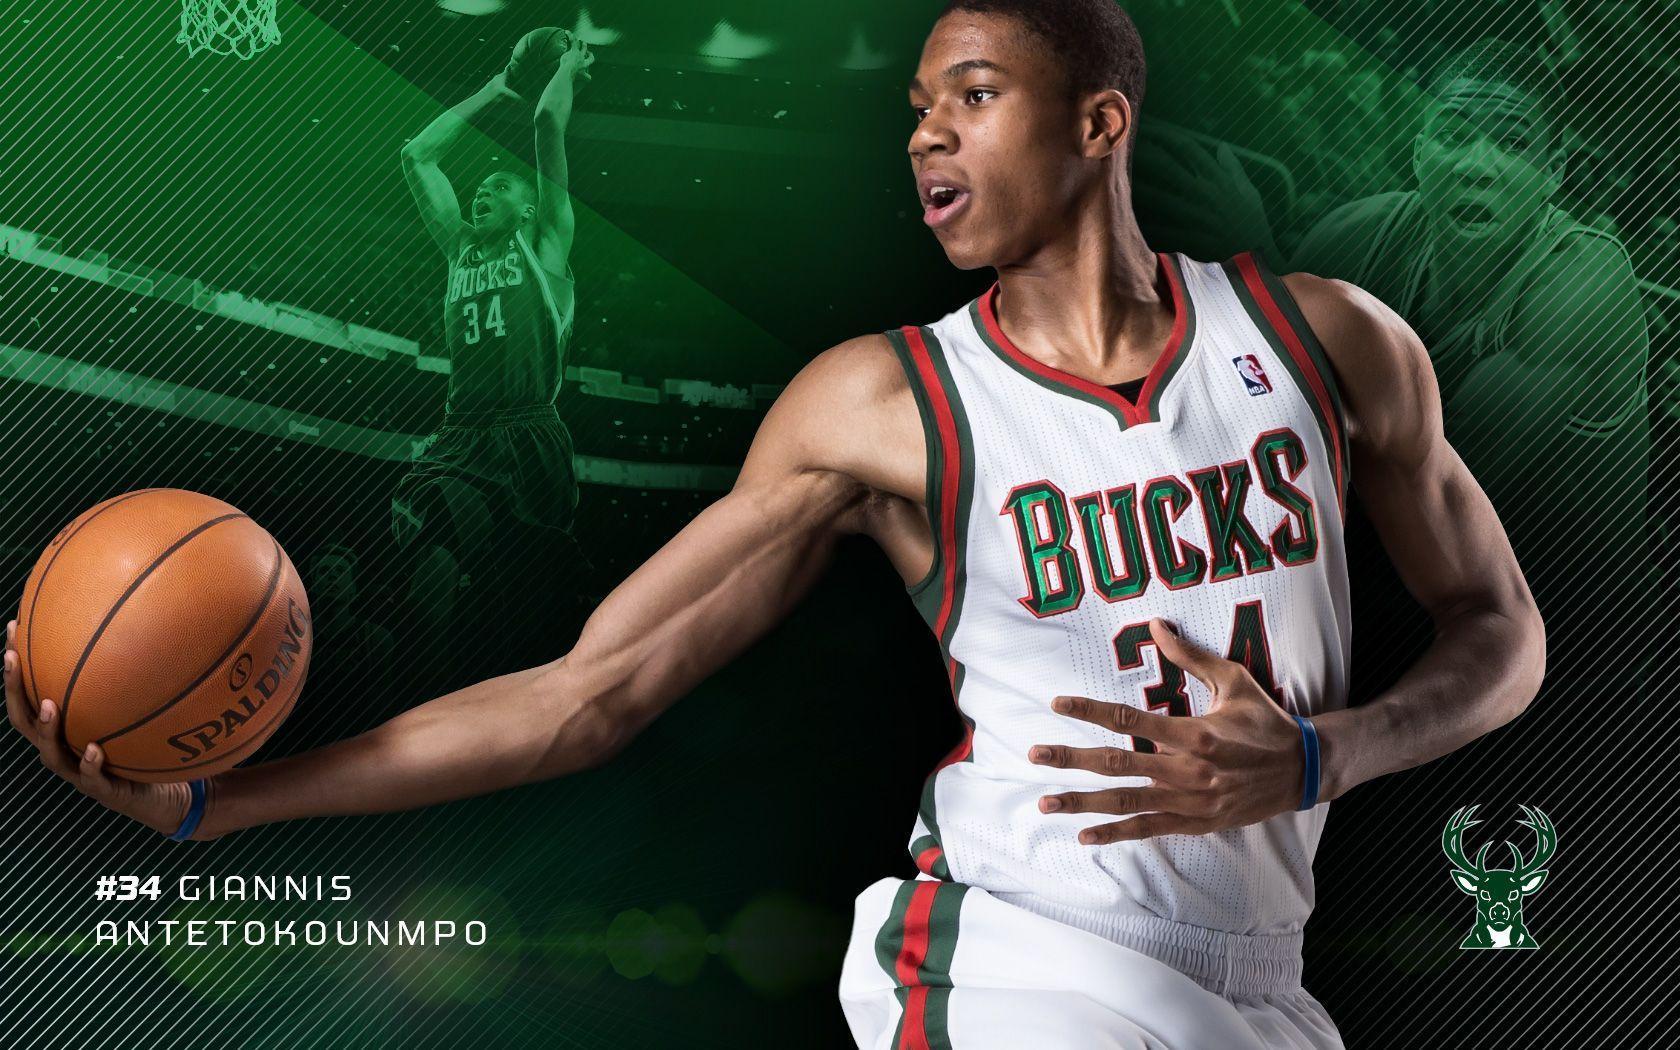 Bucks Backgrounds and Wallpapers 2013-2014 Season | Milwaukee Bucks